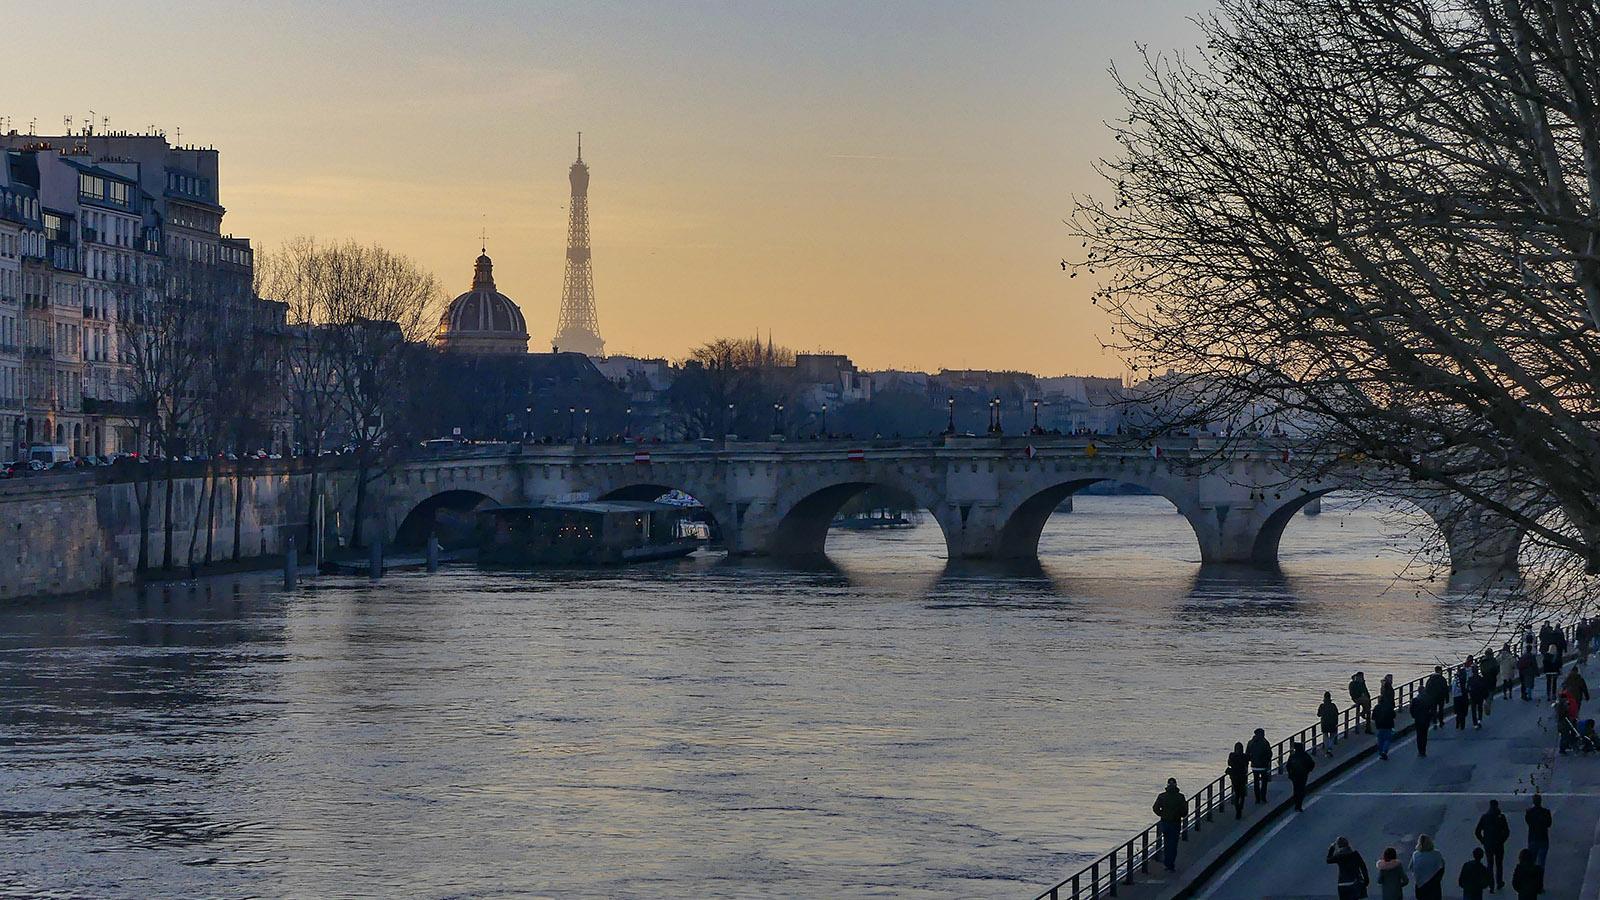 Paris, ville lumière: die Seine mit dem Eiffelturm am frühen Abend. Foto: Uschi Hennen